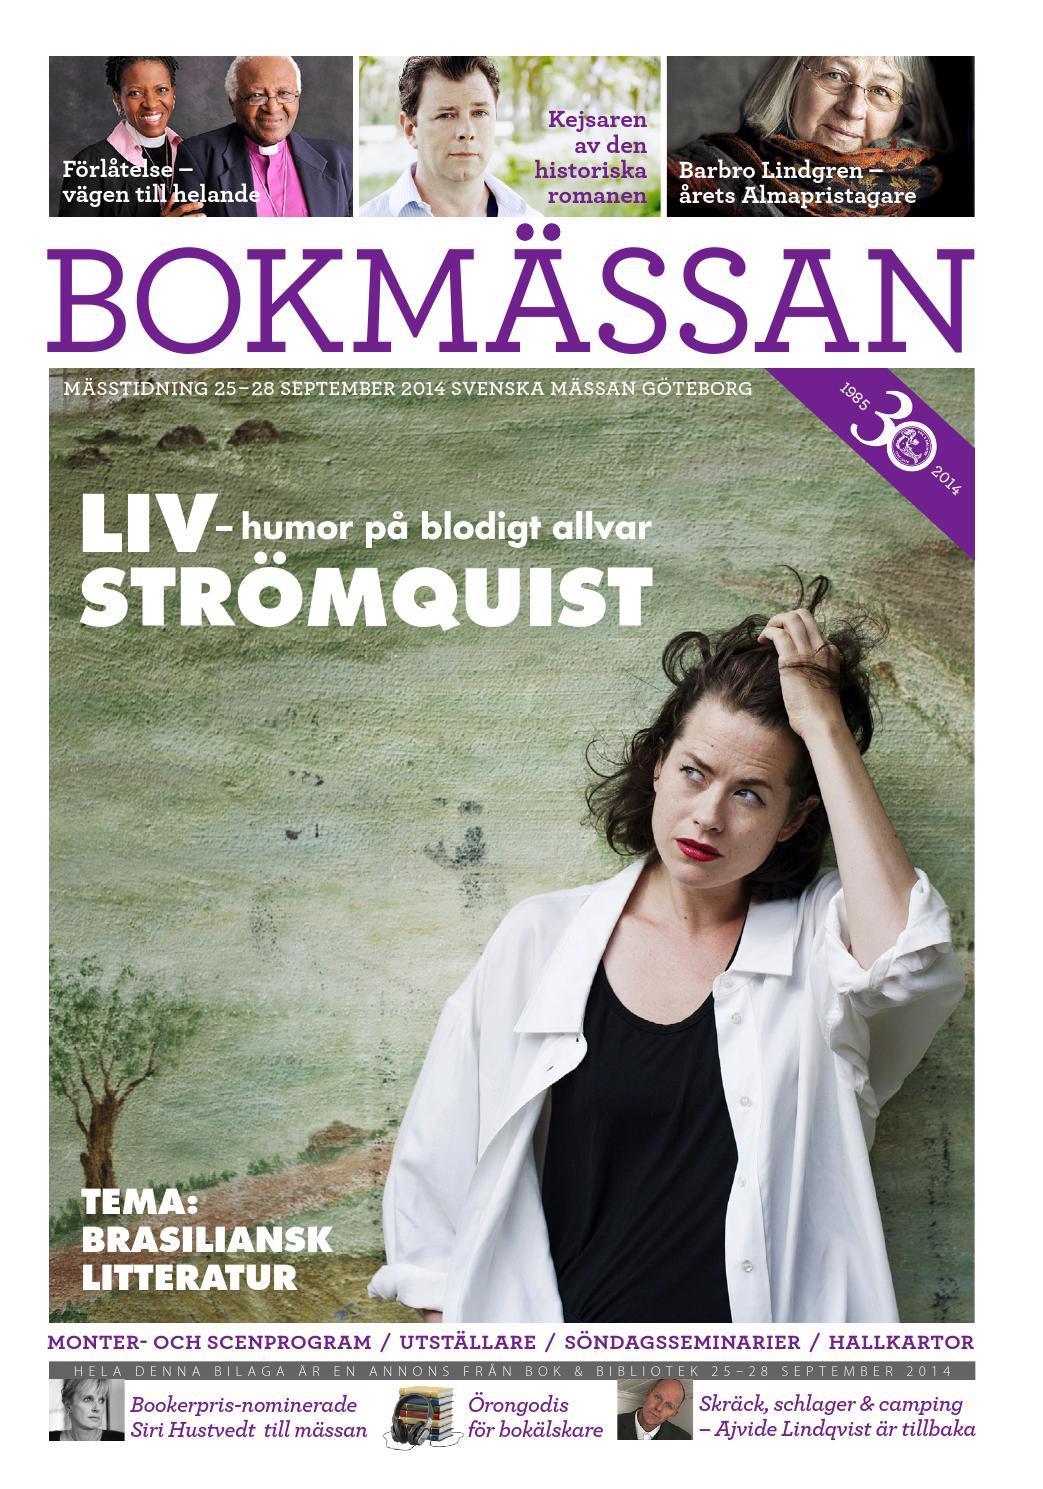 linköping gammal kvinnlig vuxen uppkopplad dating webbplats